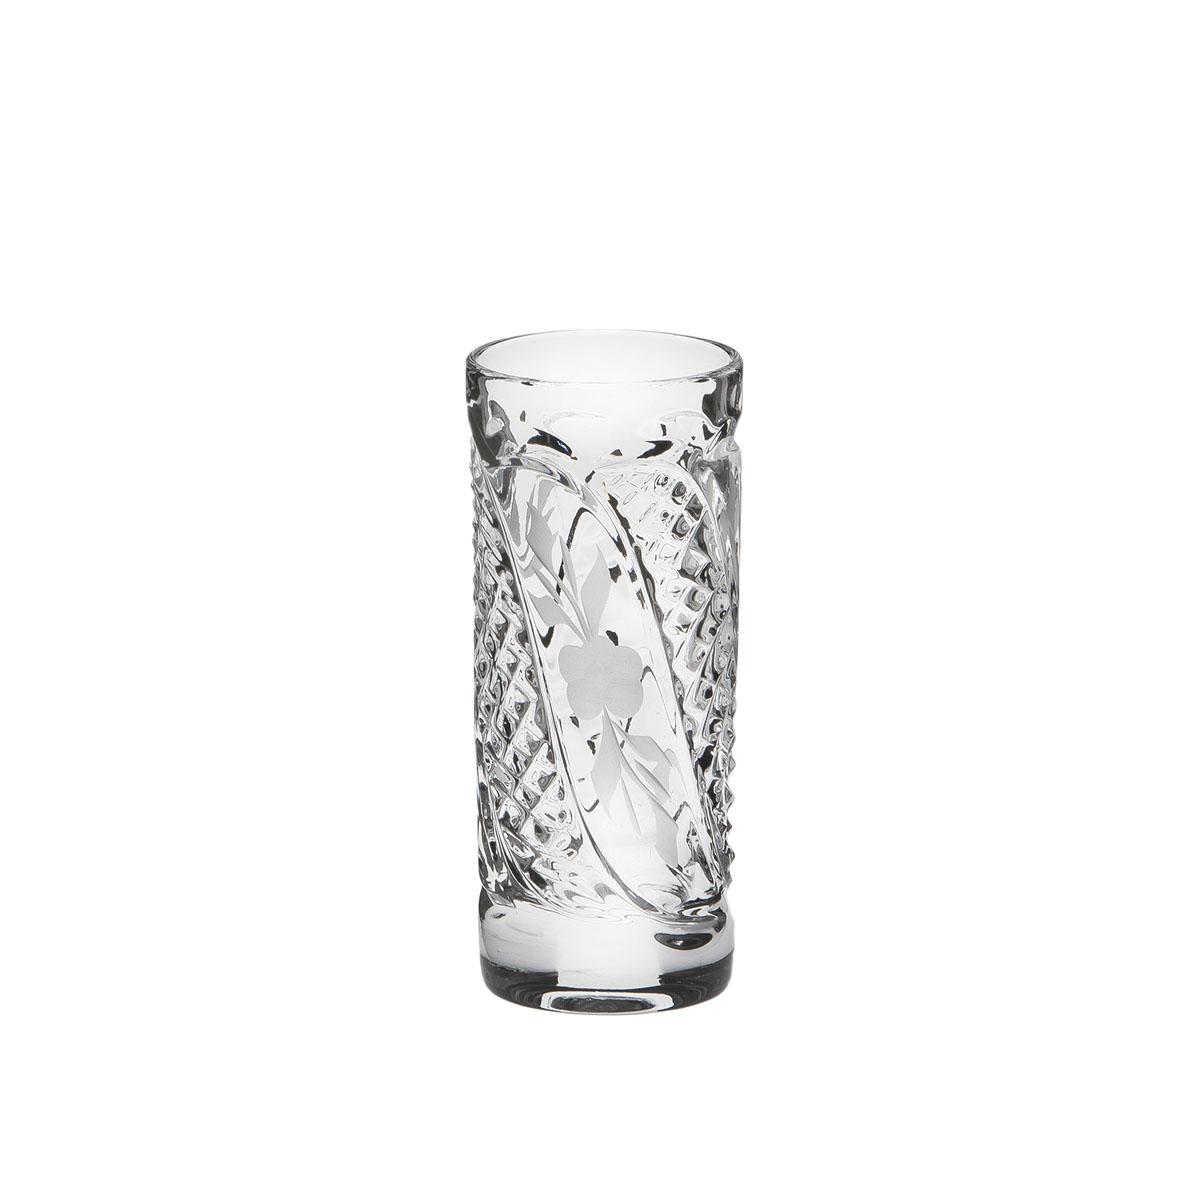 Стакан Дятьковский хрусталь Грация, 50 мл. С989/2С989/2Хрустальные стаканы – красивое и простое решение для украшения праздничного стола. Стаканы из хрусталя универсальны, они подойдут и для алкогольных напитков – вина, шампанского, и для освежающих – минеральной воды, компота или сока. Если в вашей домашней коллекции еще нет предметов хрустальной посуды, купить хрустальные стаканы стоит обязательно.